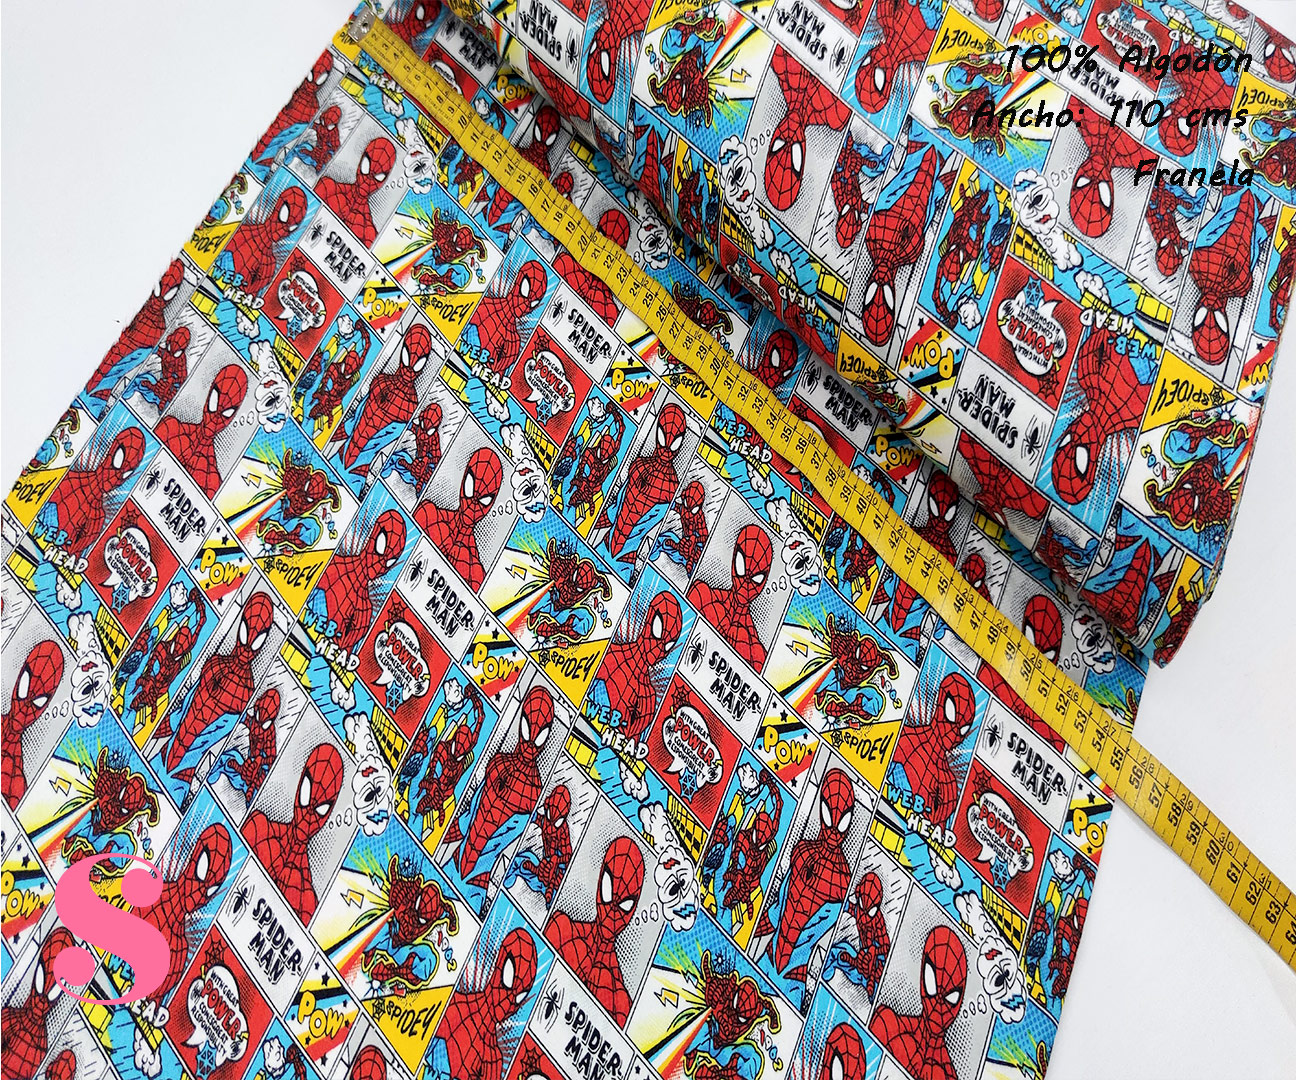 593-comic-spiderman-accion-america-franela-otoño-invierno-tejidos-algodón-estampado-percal,Franela Estampada Comic Spiderman